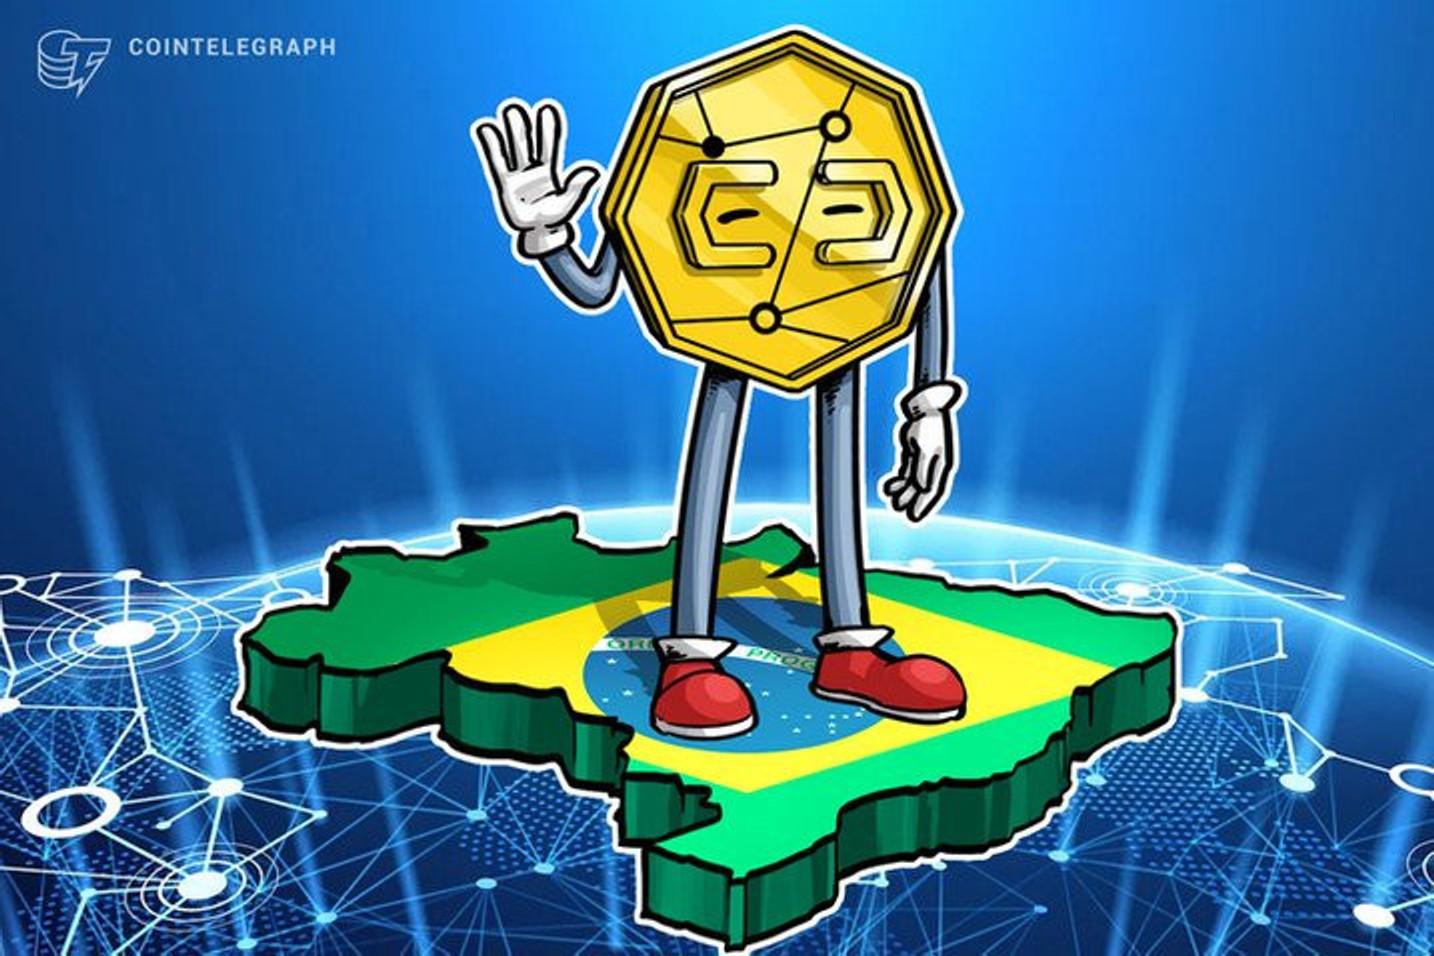 BTG Pactual e Exame 'abraçam' Bitcoin e criptomoedas e lançam portal exclusivo para falar sobre 'Future of Money'